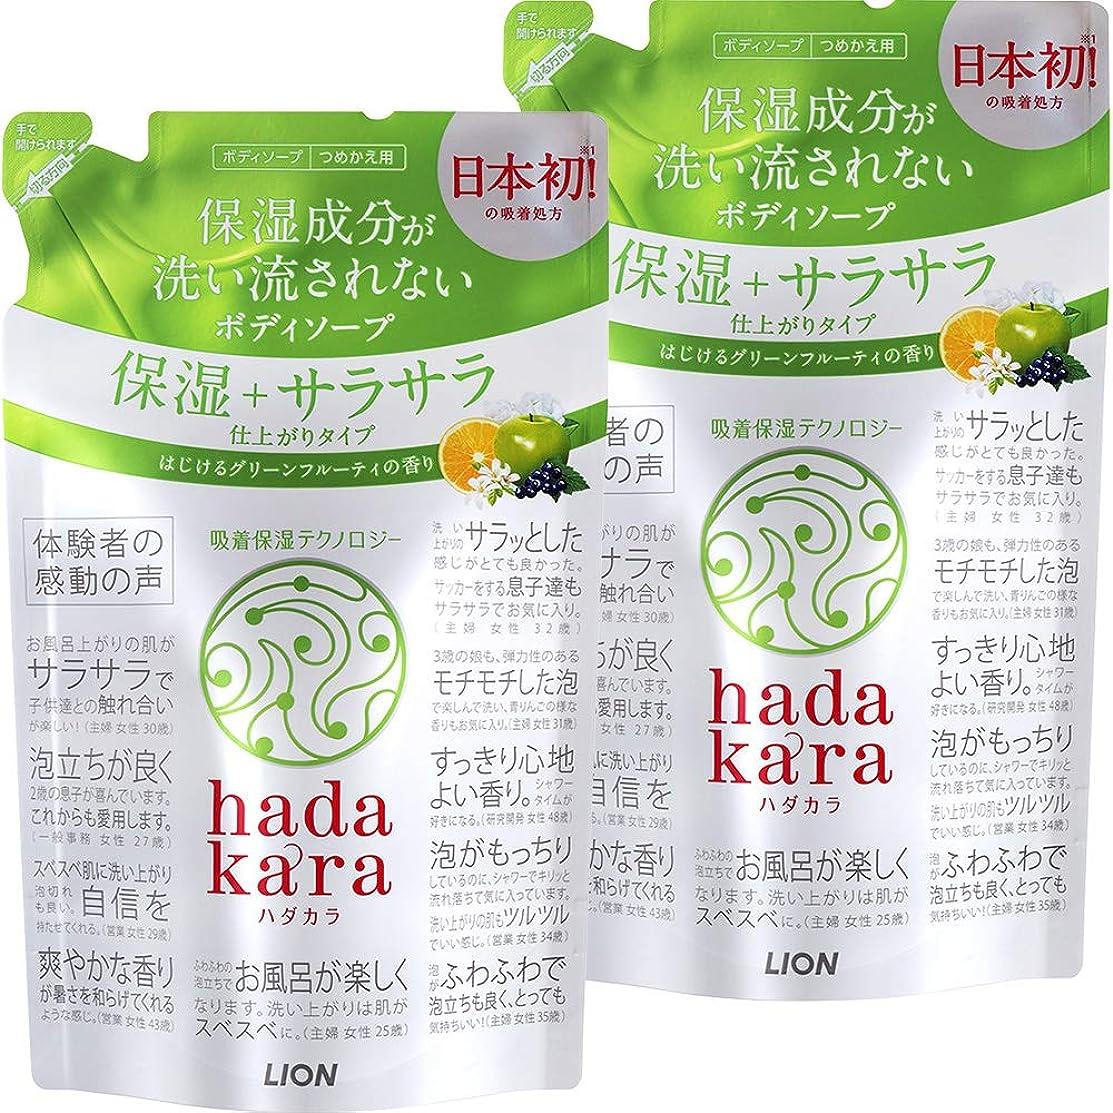 好きである眠る反逆者【まとめ買い】hadakara(ハダカラ) ボディソープ 保湿+サラサラ仕上がりタイプ グリーンフルーティの香り 詰め替え 340ml×2個パック